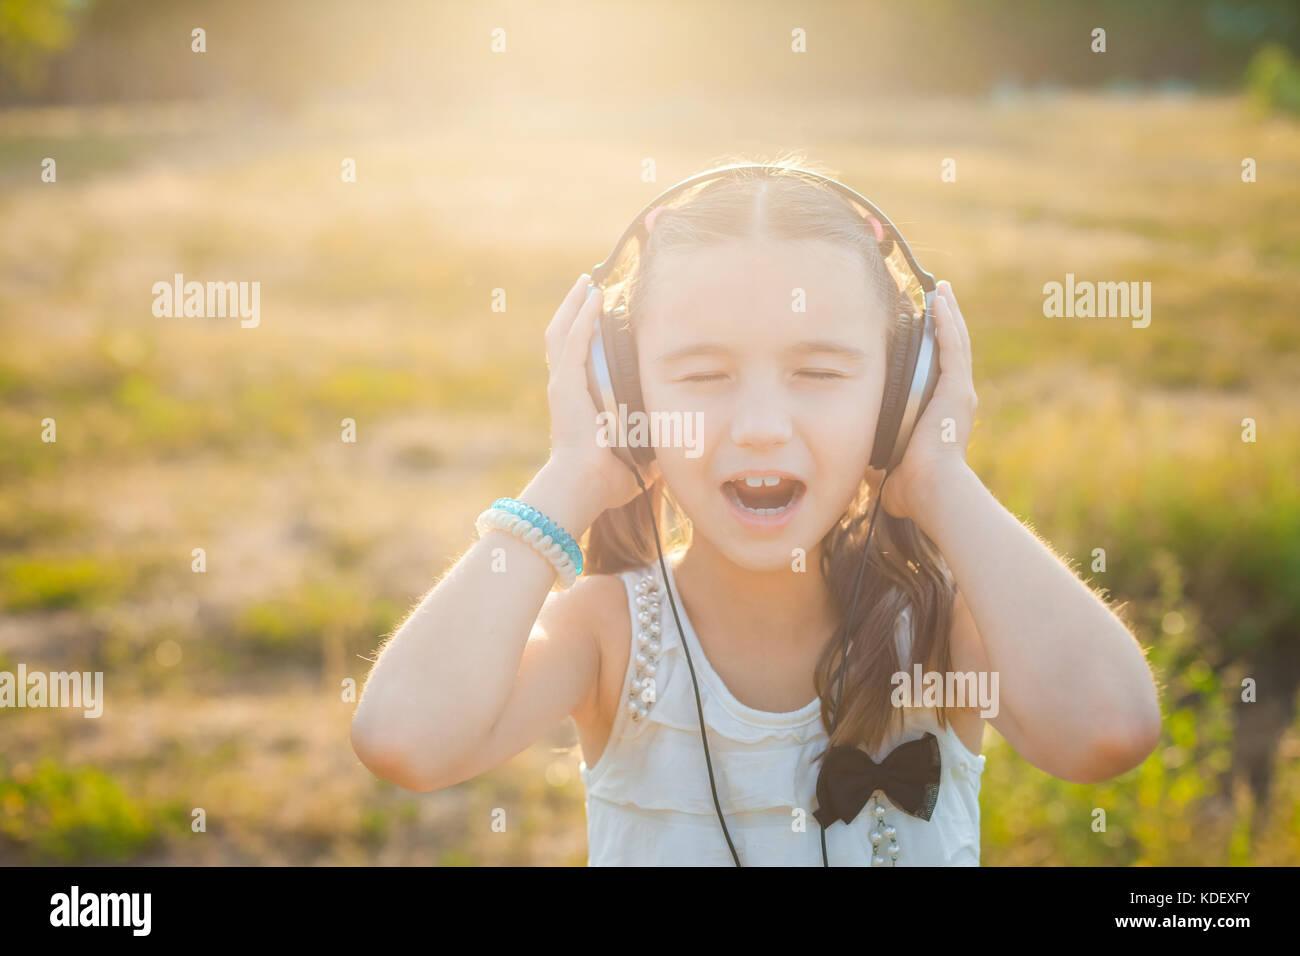 Petite fille à l'écoute de la musique avec des écouteurs Photo Stock